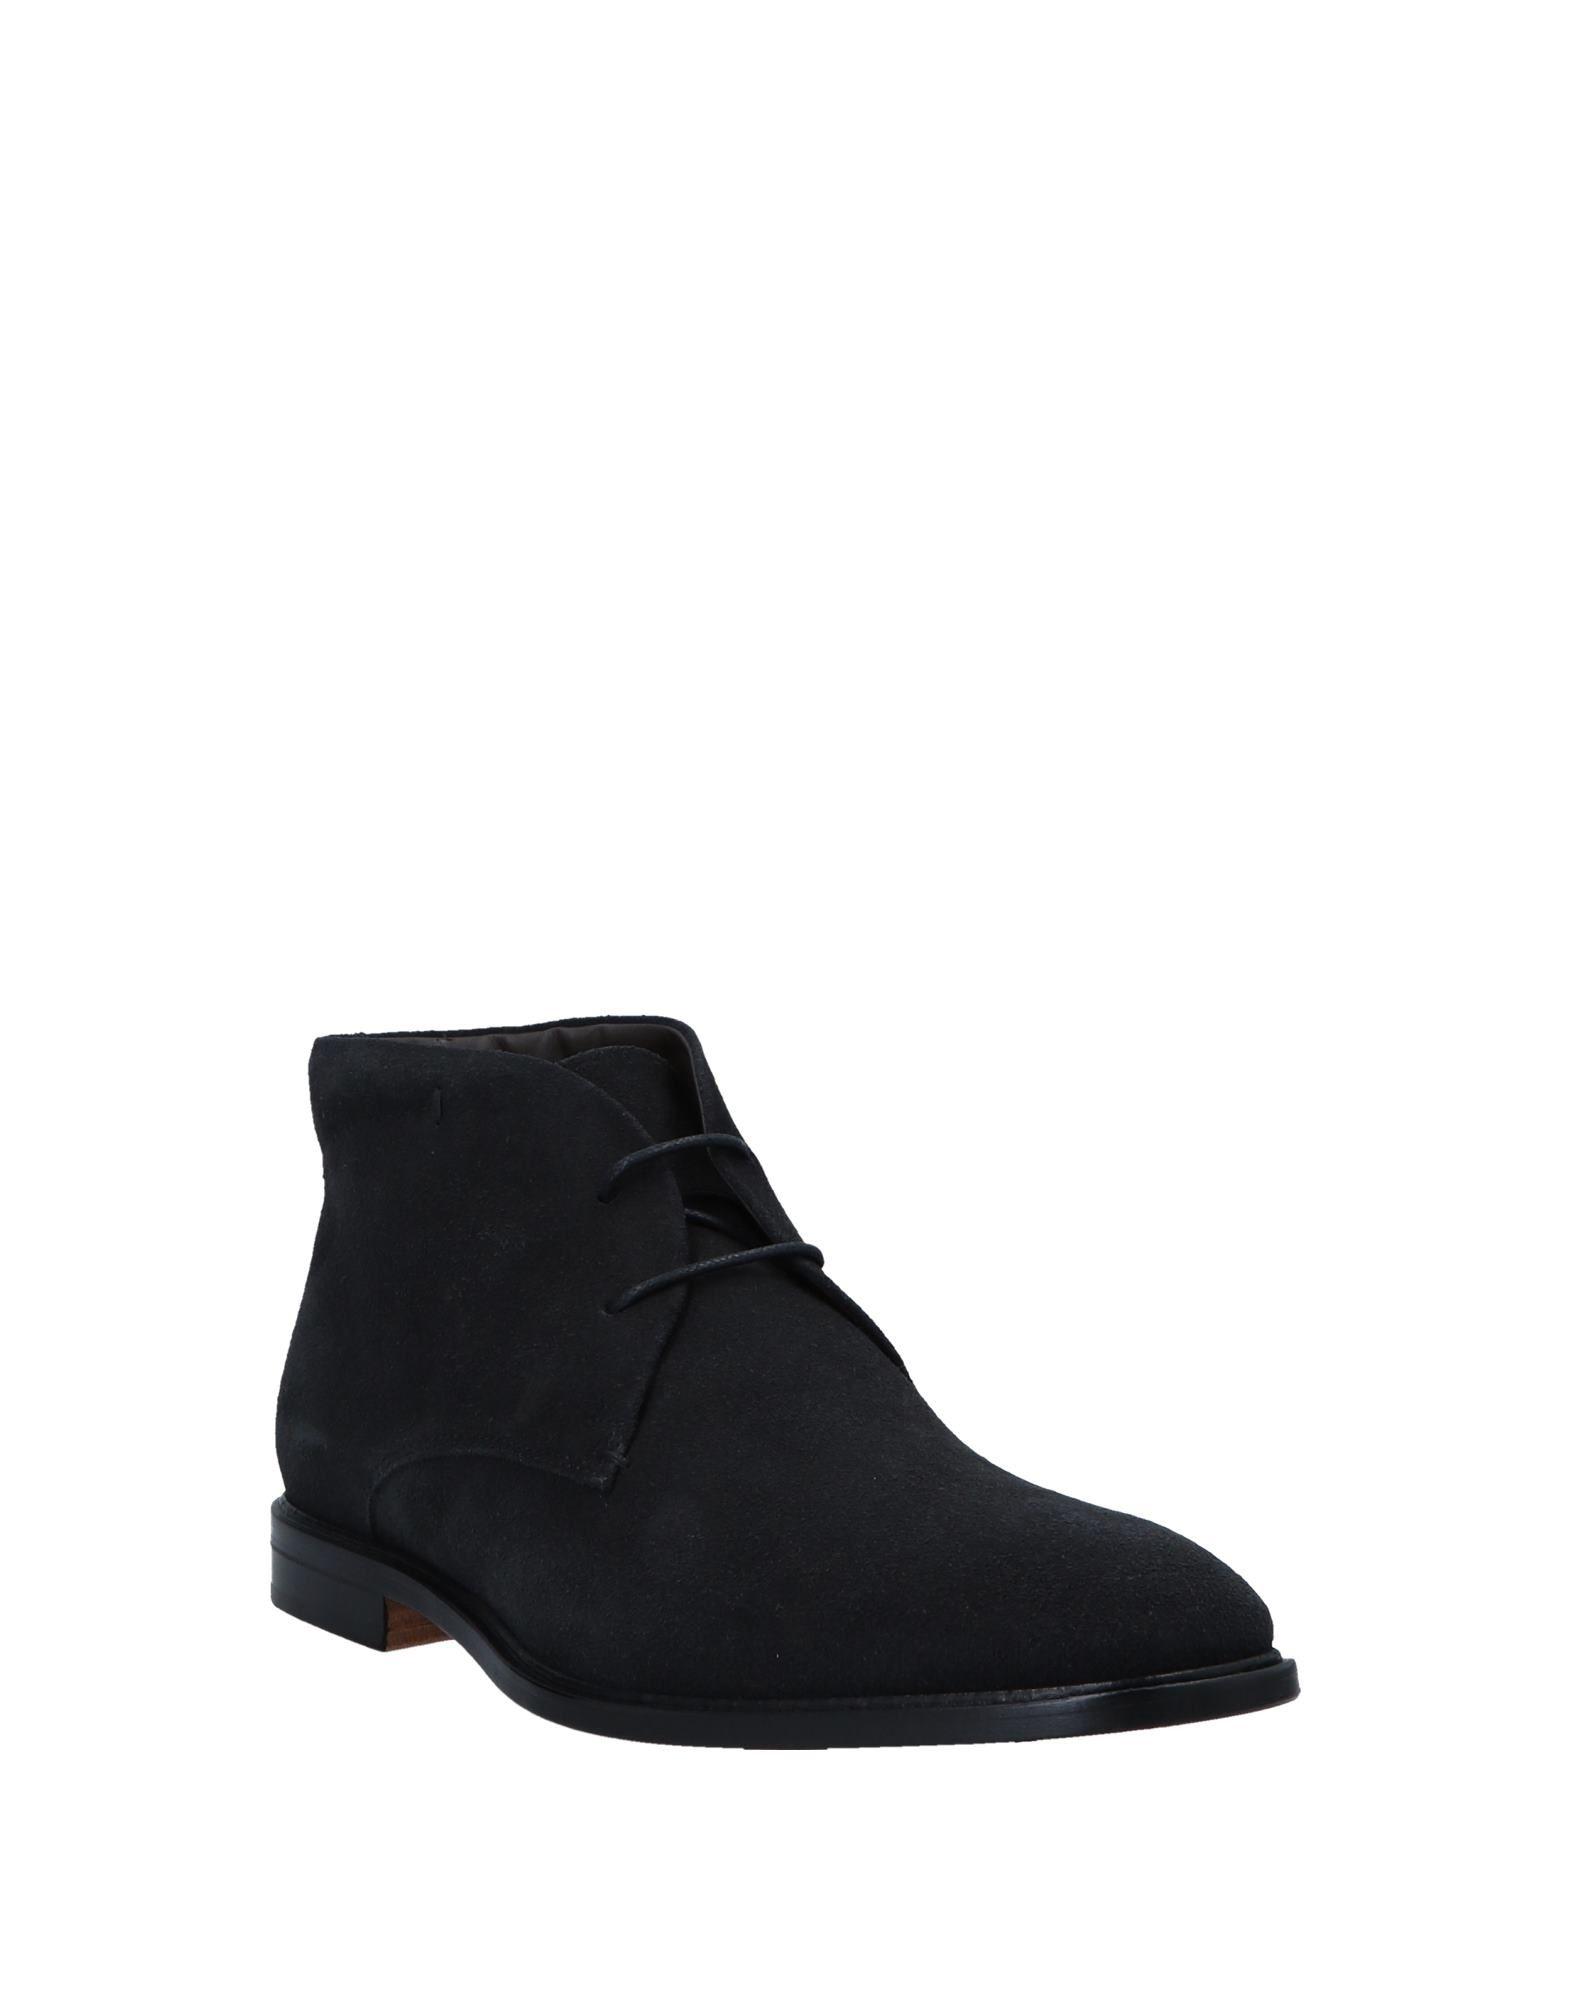 Tod's Stiefelette Qualität Herren  11035453CJ Gute Qualität Stiefelette beliebte Schuhe 05a649